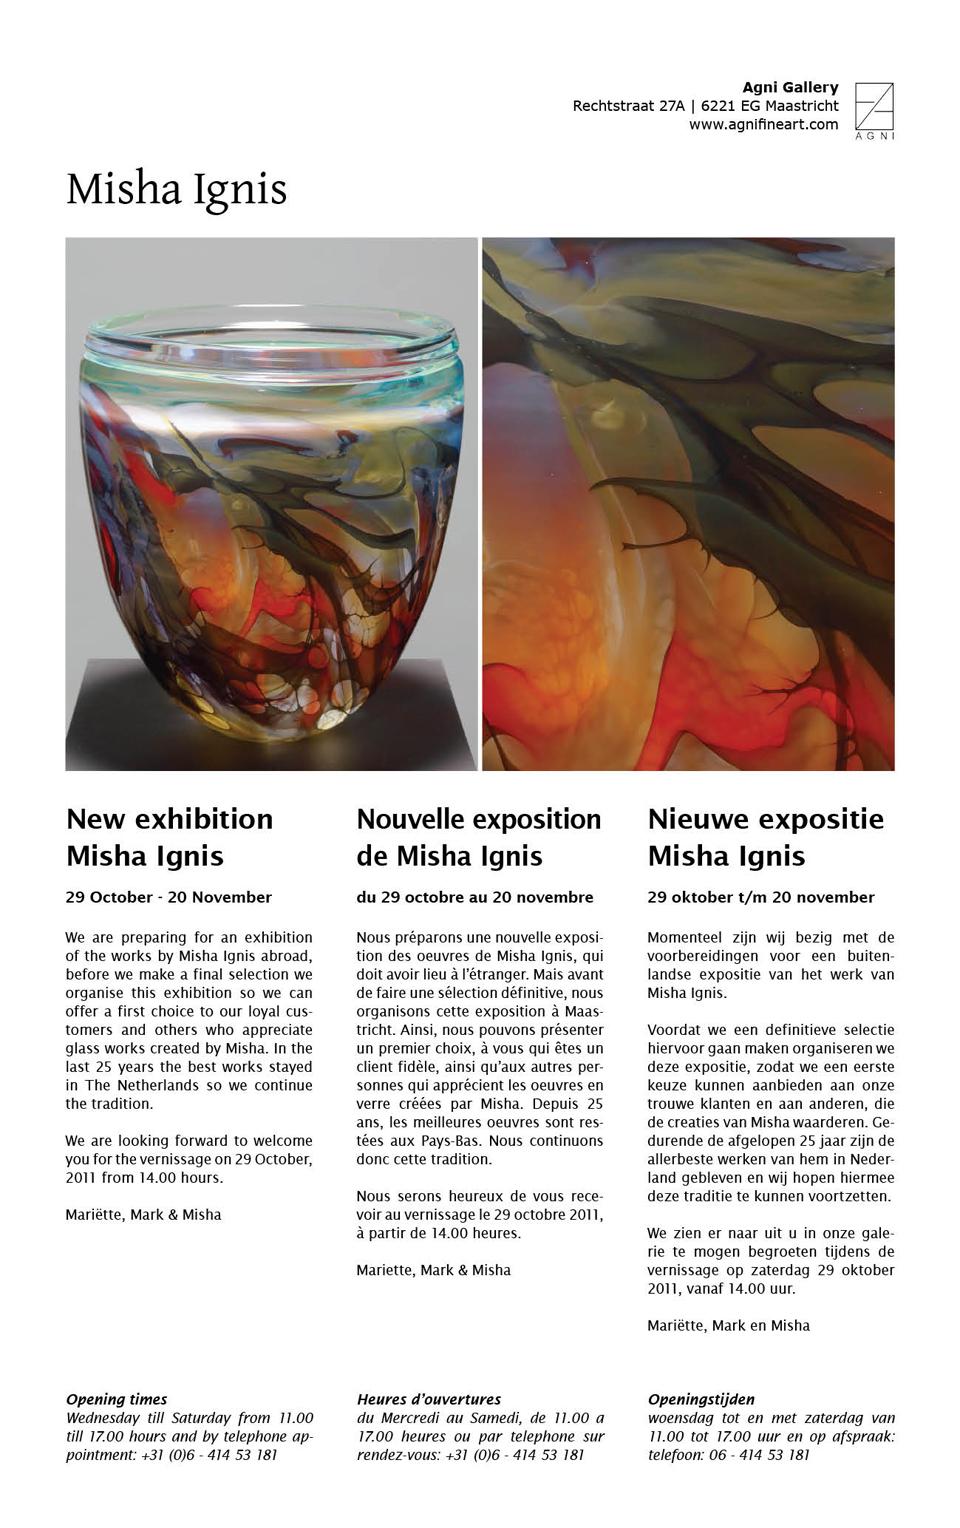 Nieuwe expositie Misha Ignis